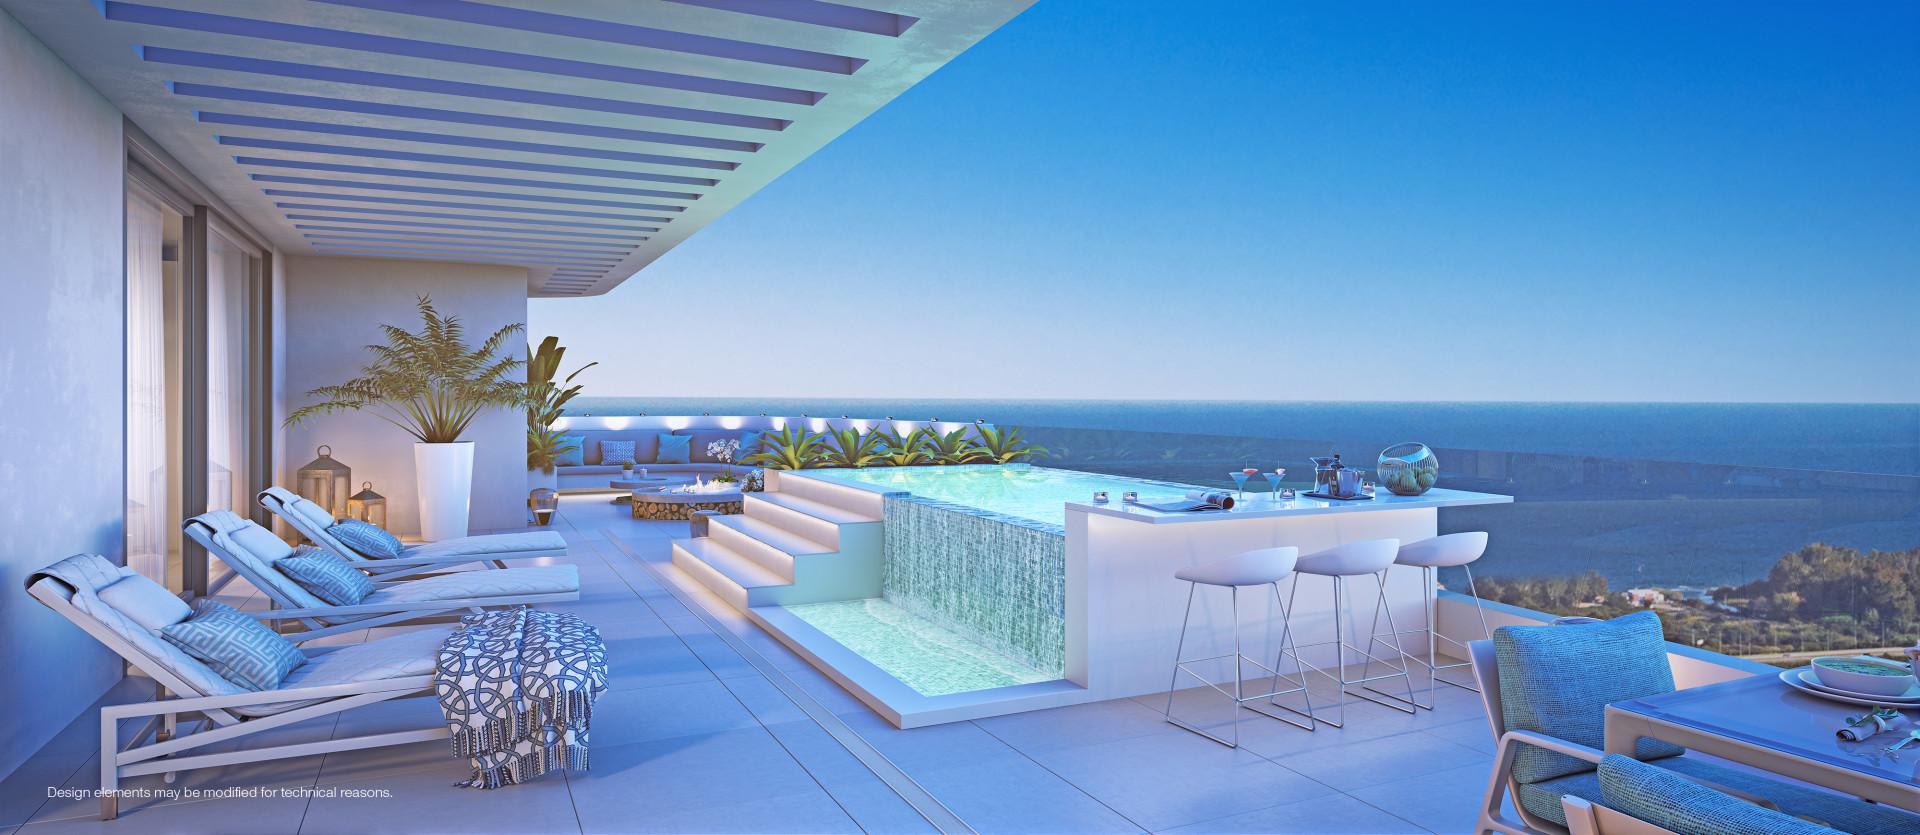 Luxe zeezicht appartementen in Benalmadena